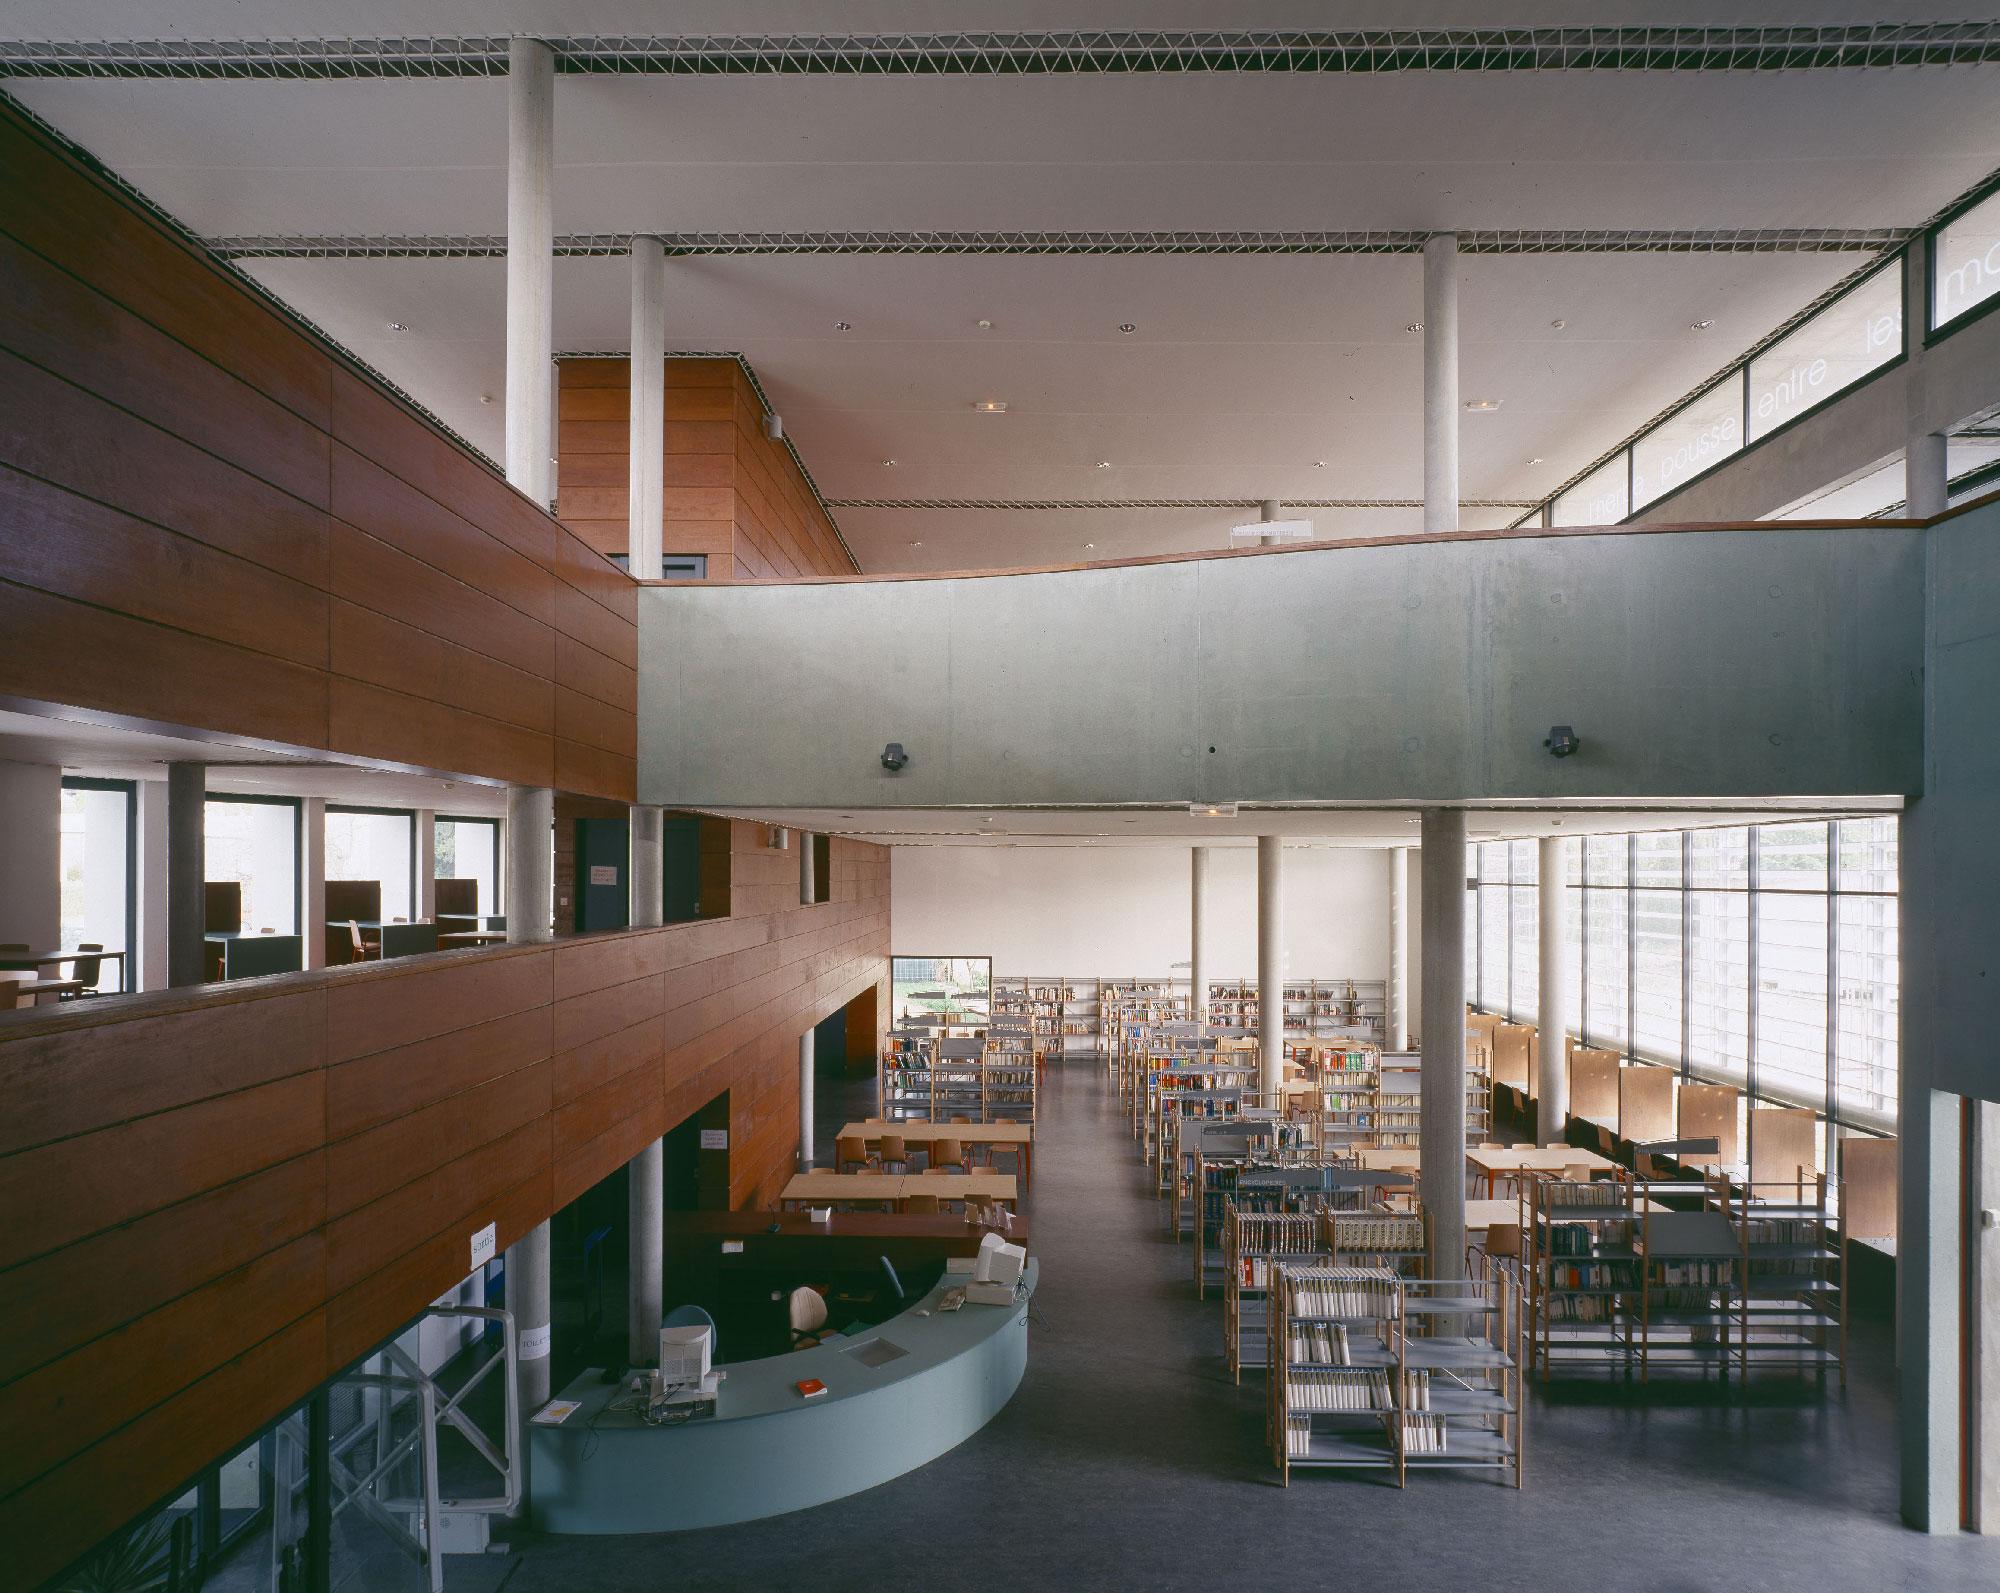 Bibliothèque universitaire Paul Valéry - Montpellier - TAUTEM Architecture - atrium